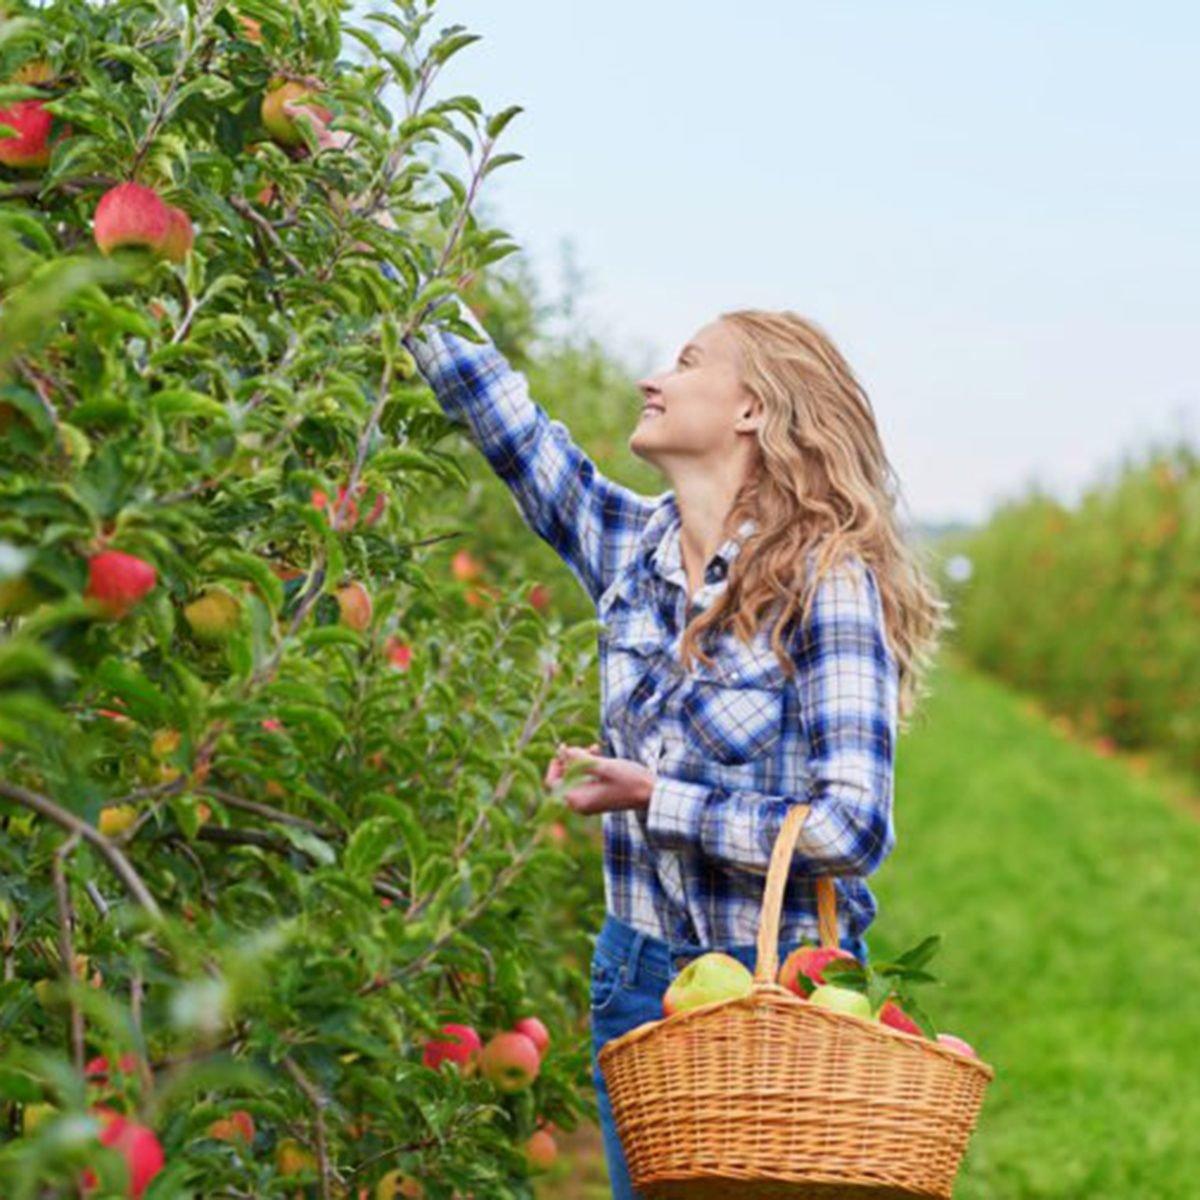 Cox Berry Farm